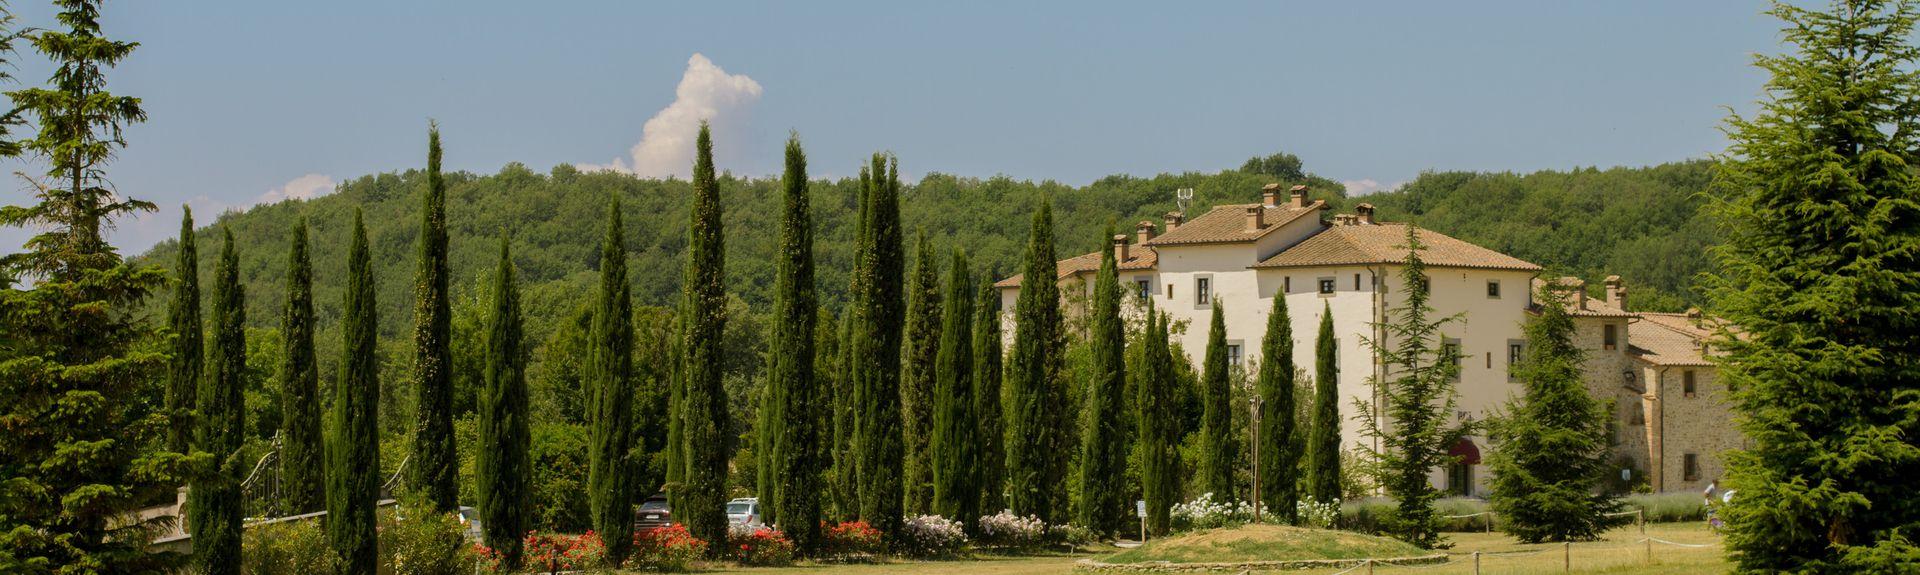 Comune di Castiglion Fibocchi, Castiglion Fibocchi, Tuscany, Italy